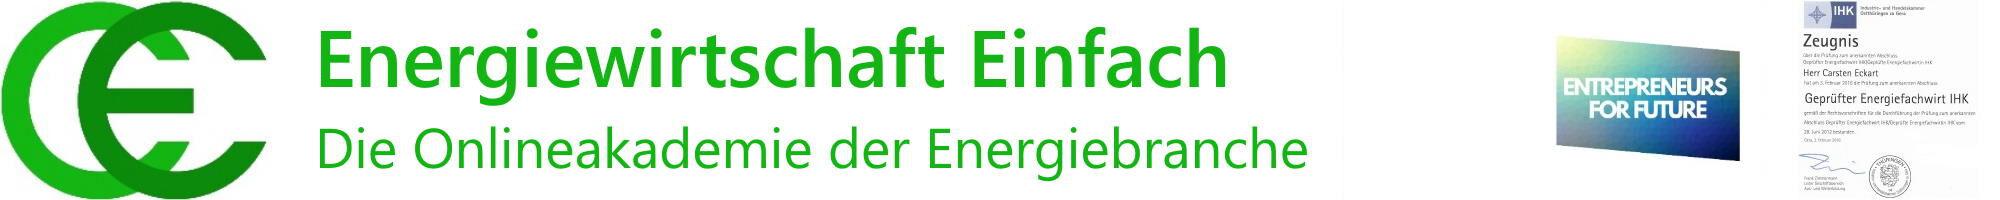 Energiewirtschaft Einfach GmbH